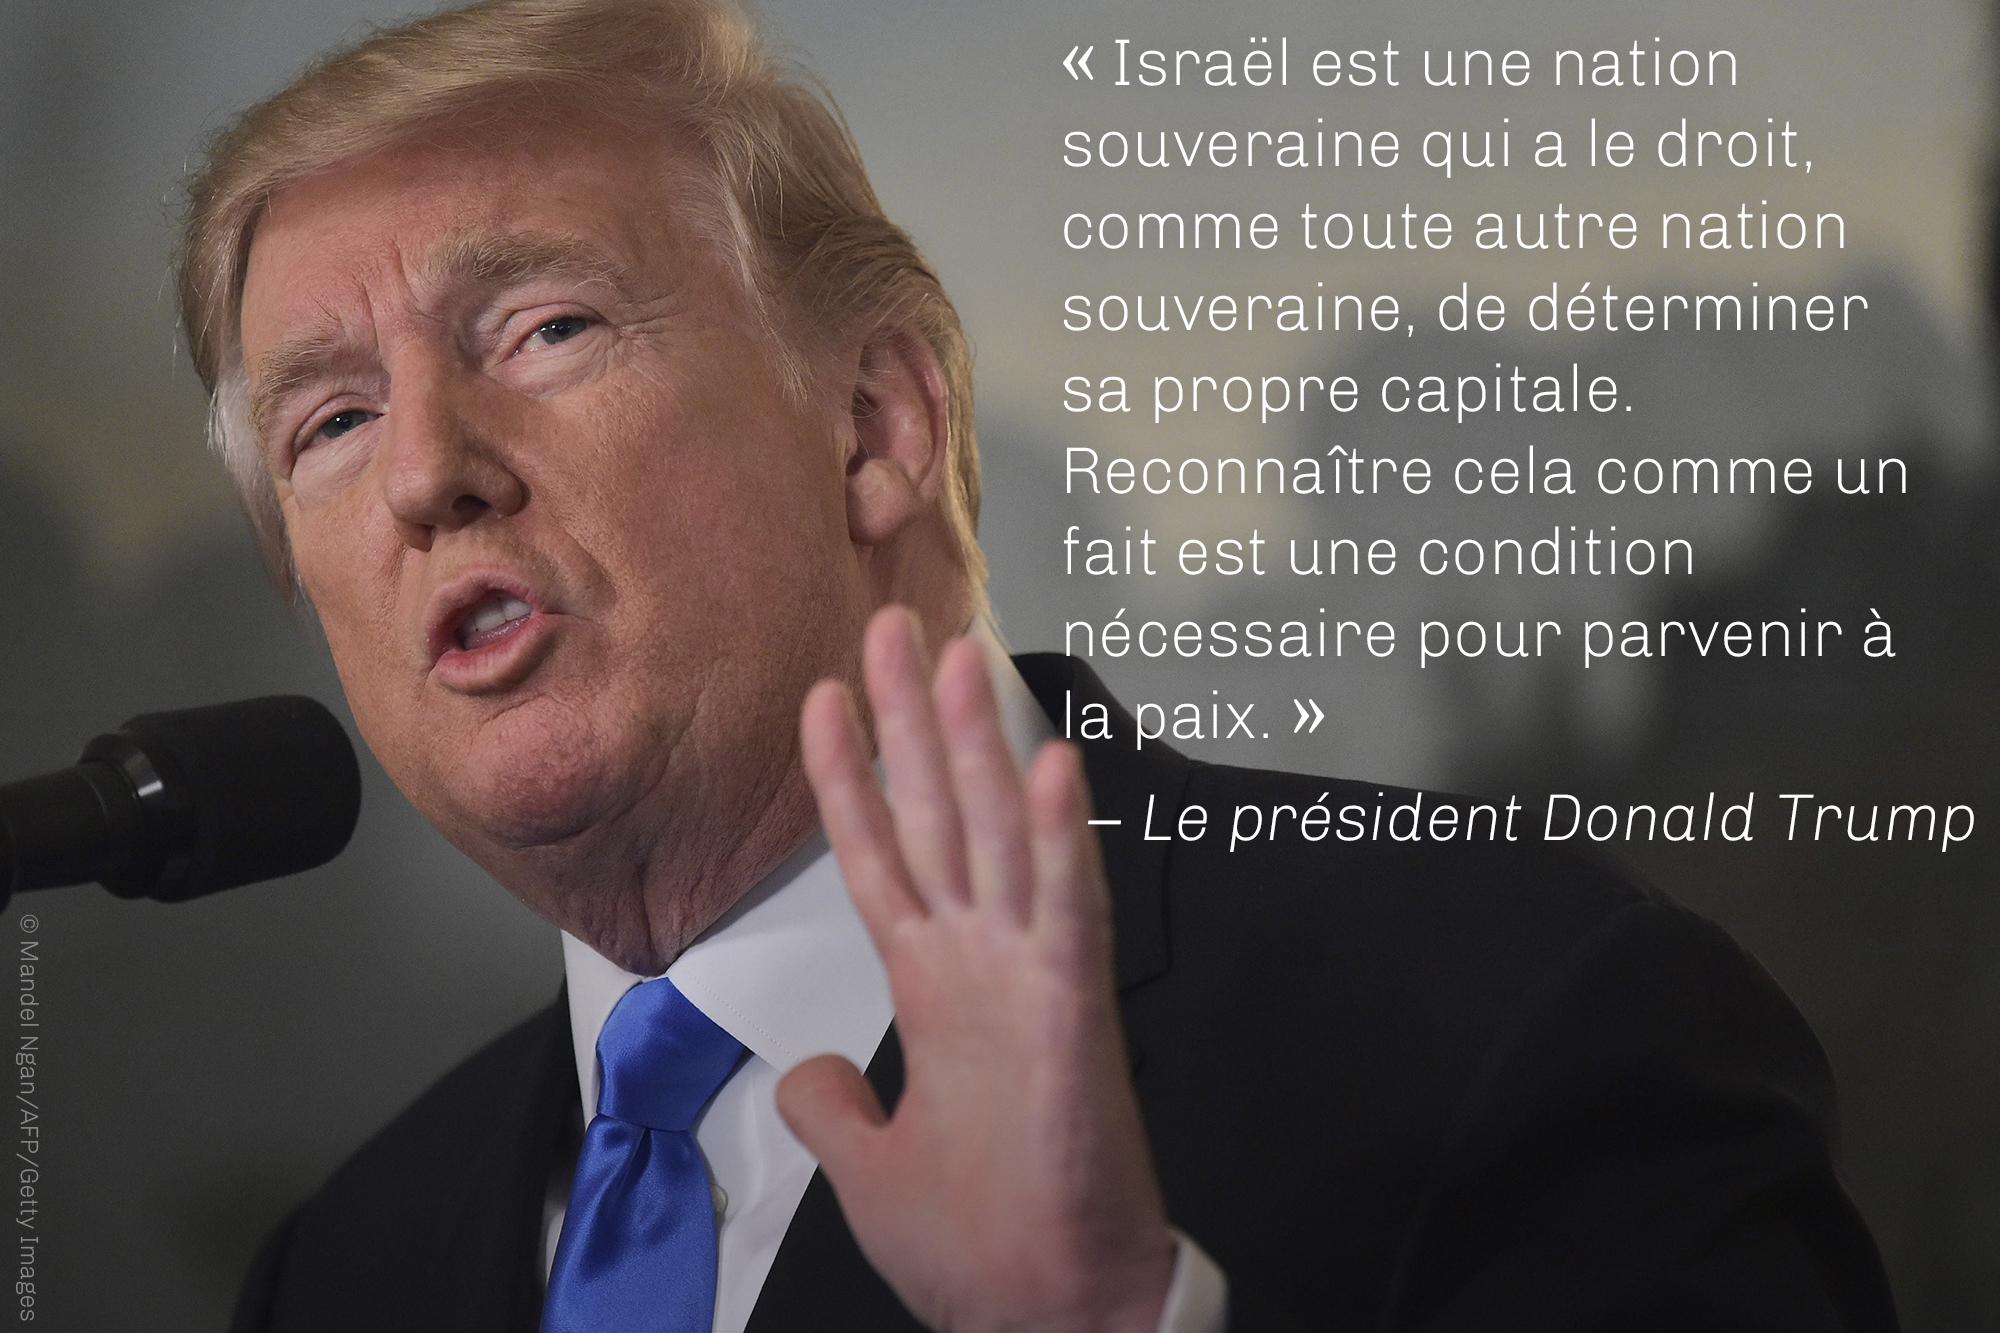 Citation du président Trump sur le fait qu'Israël est une nation souveraine, sur une photo de Trump (© Mandel Ngan/AFP/Getty Images)